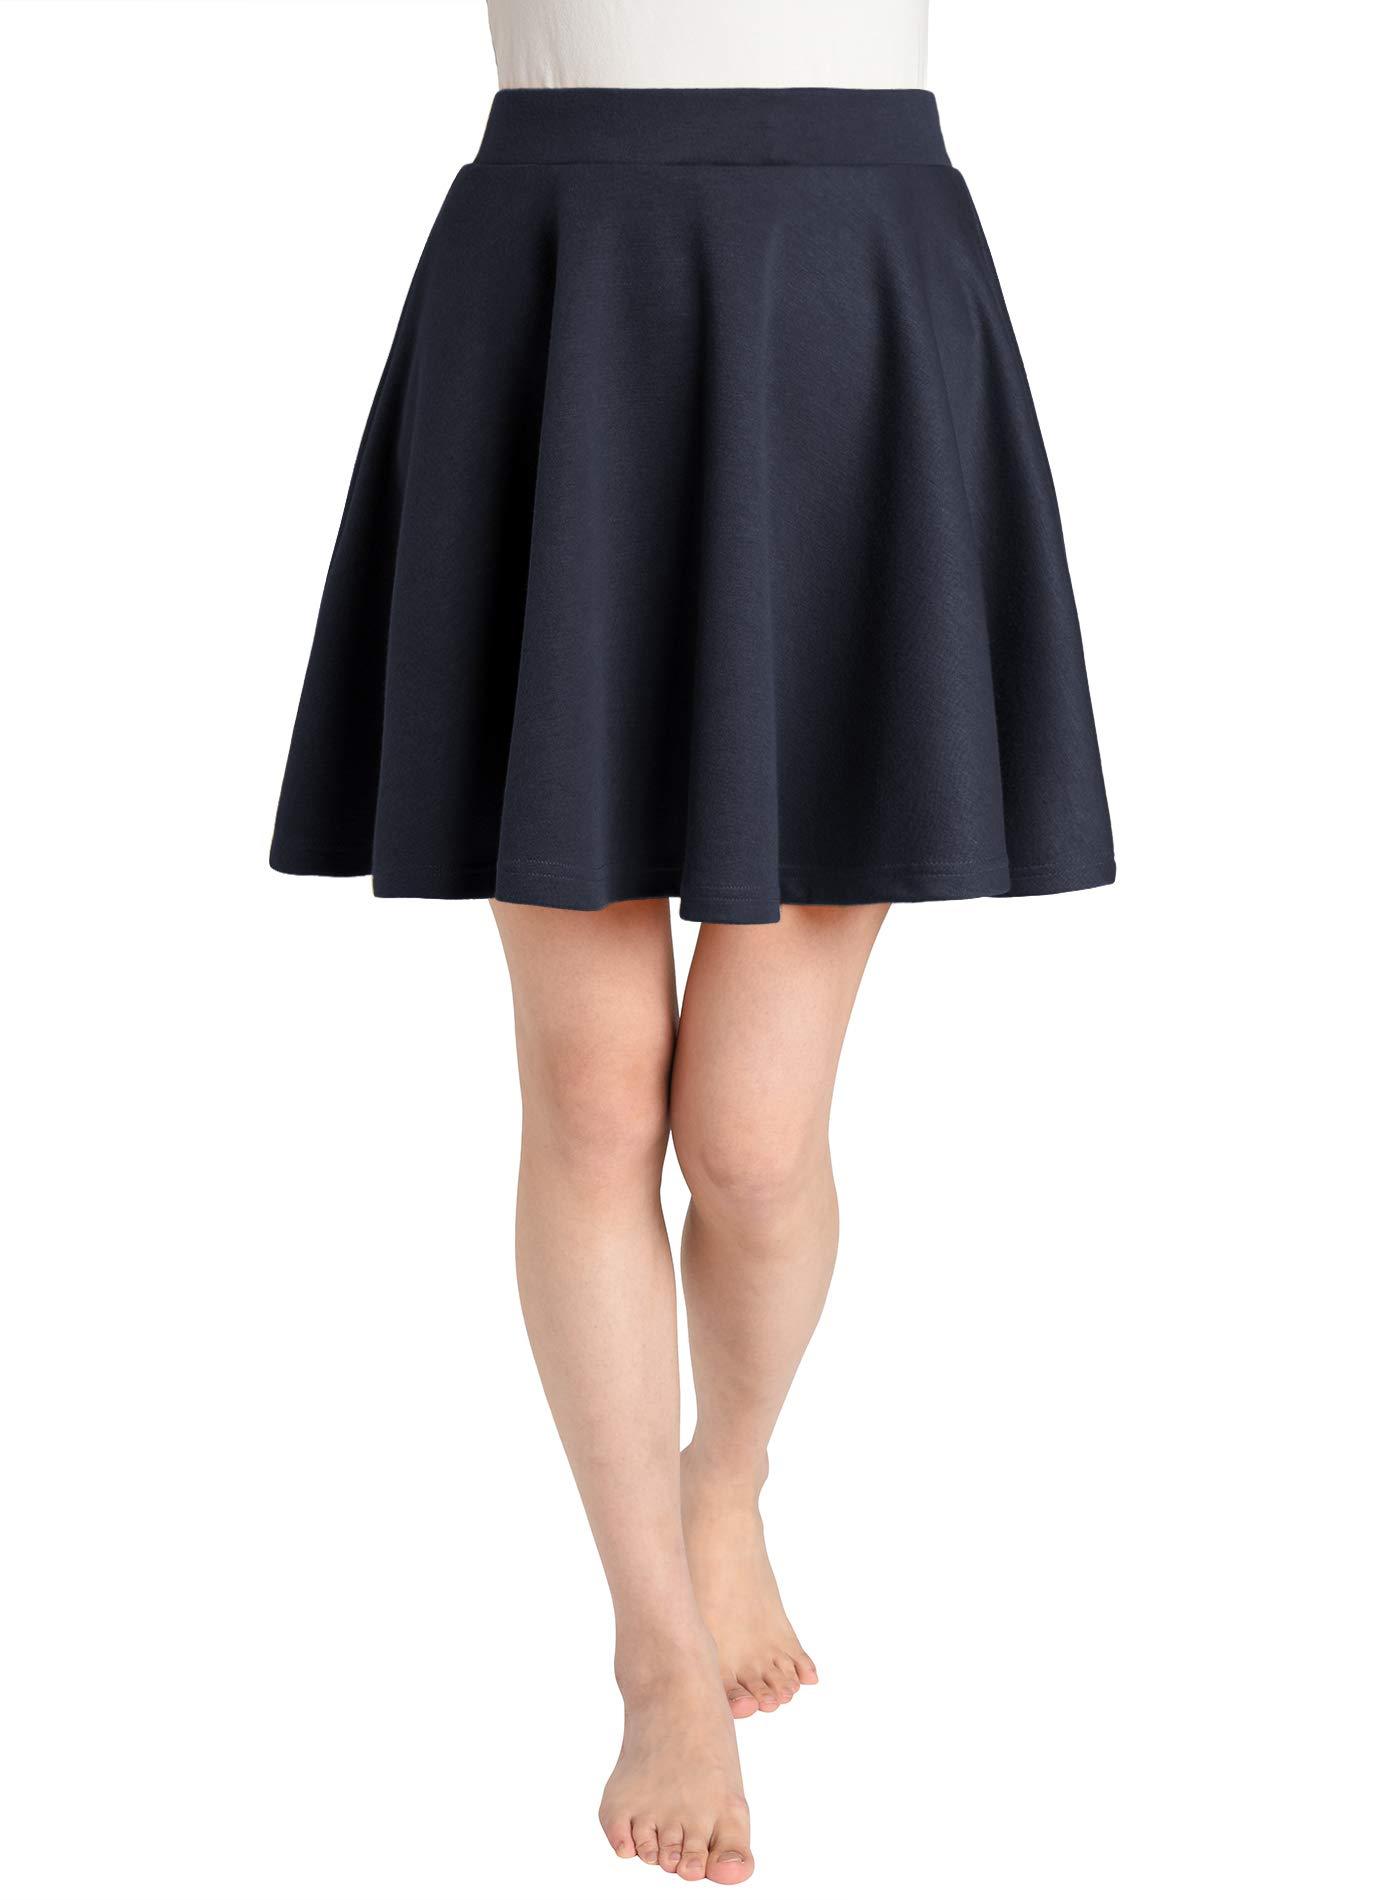 JustinCostume Women's Skater Skirt Flared Circle Skirt